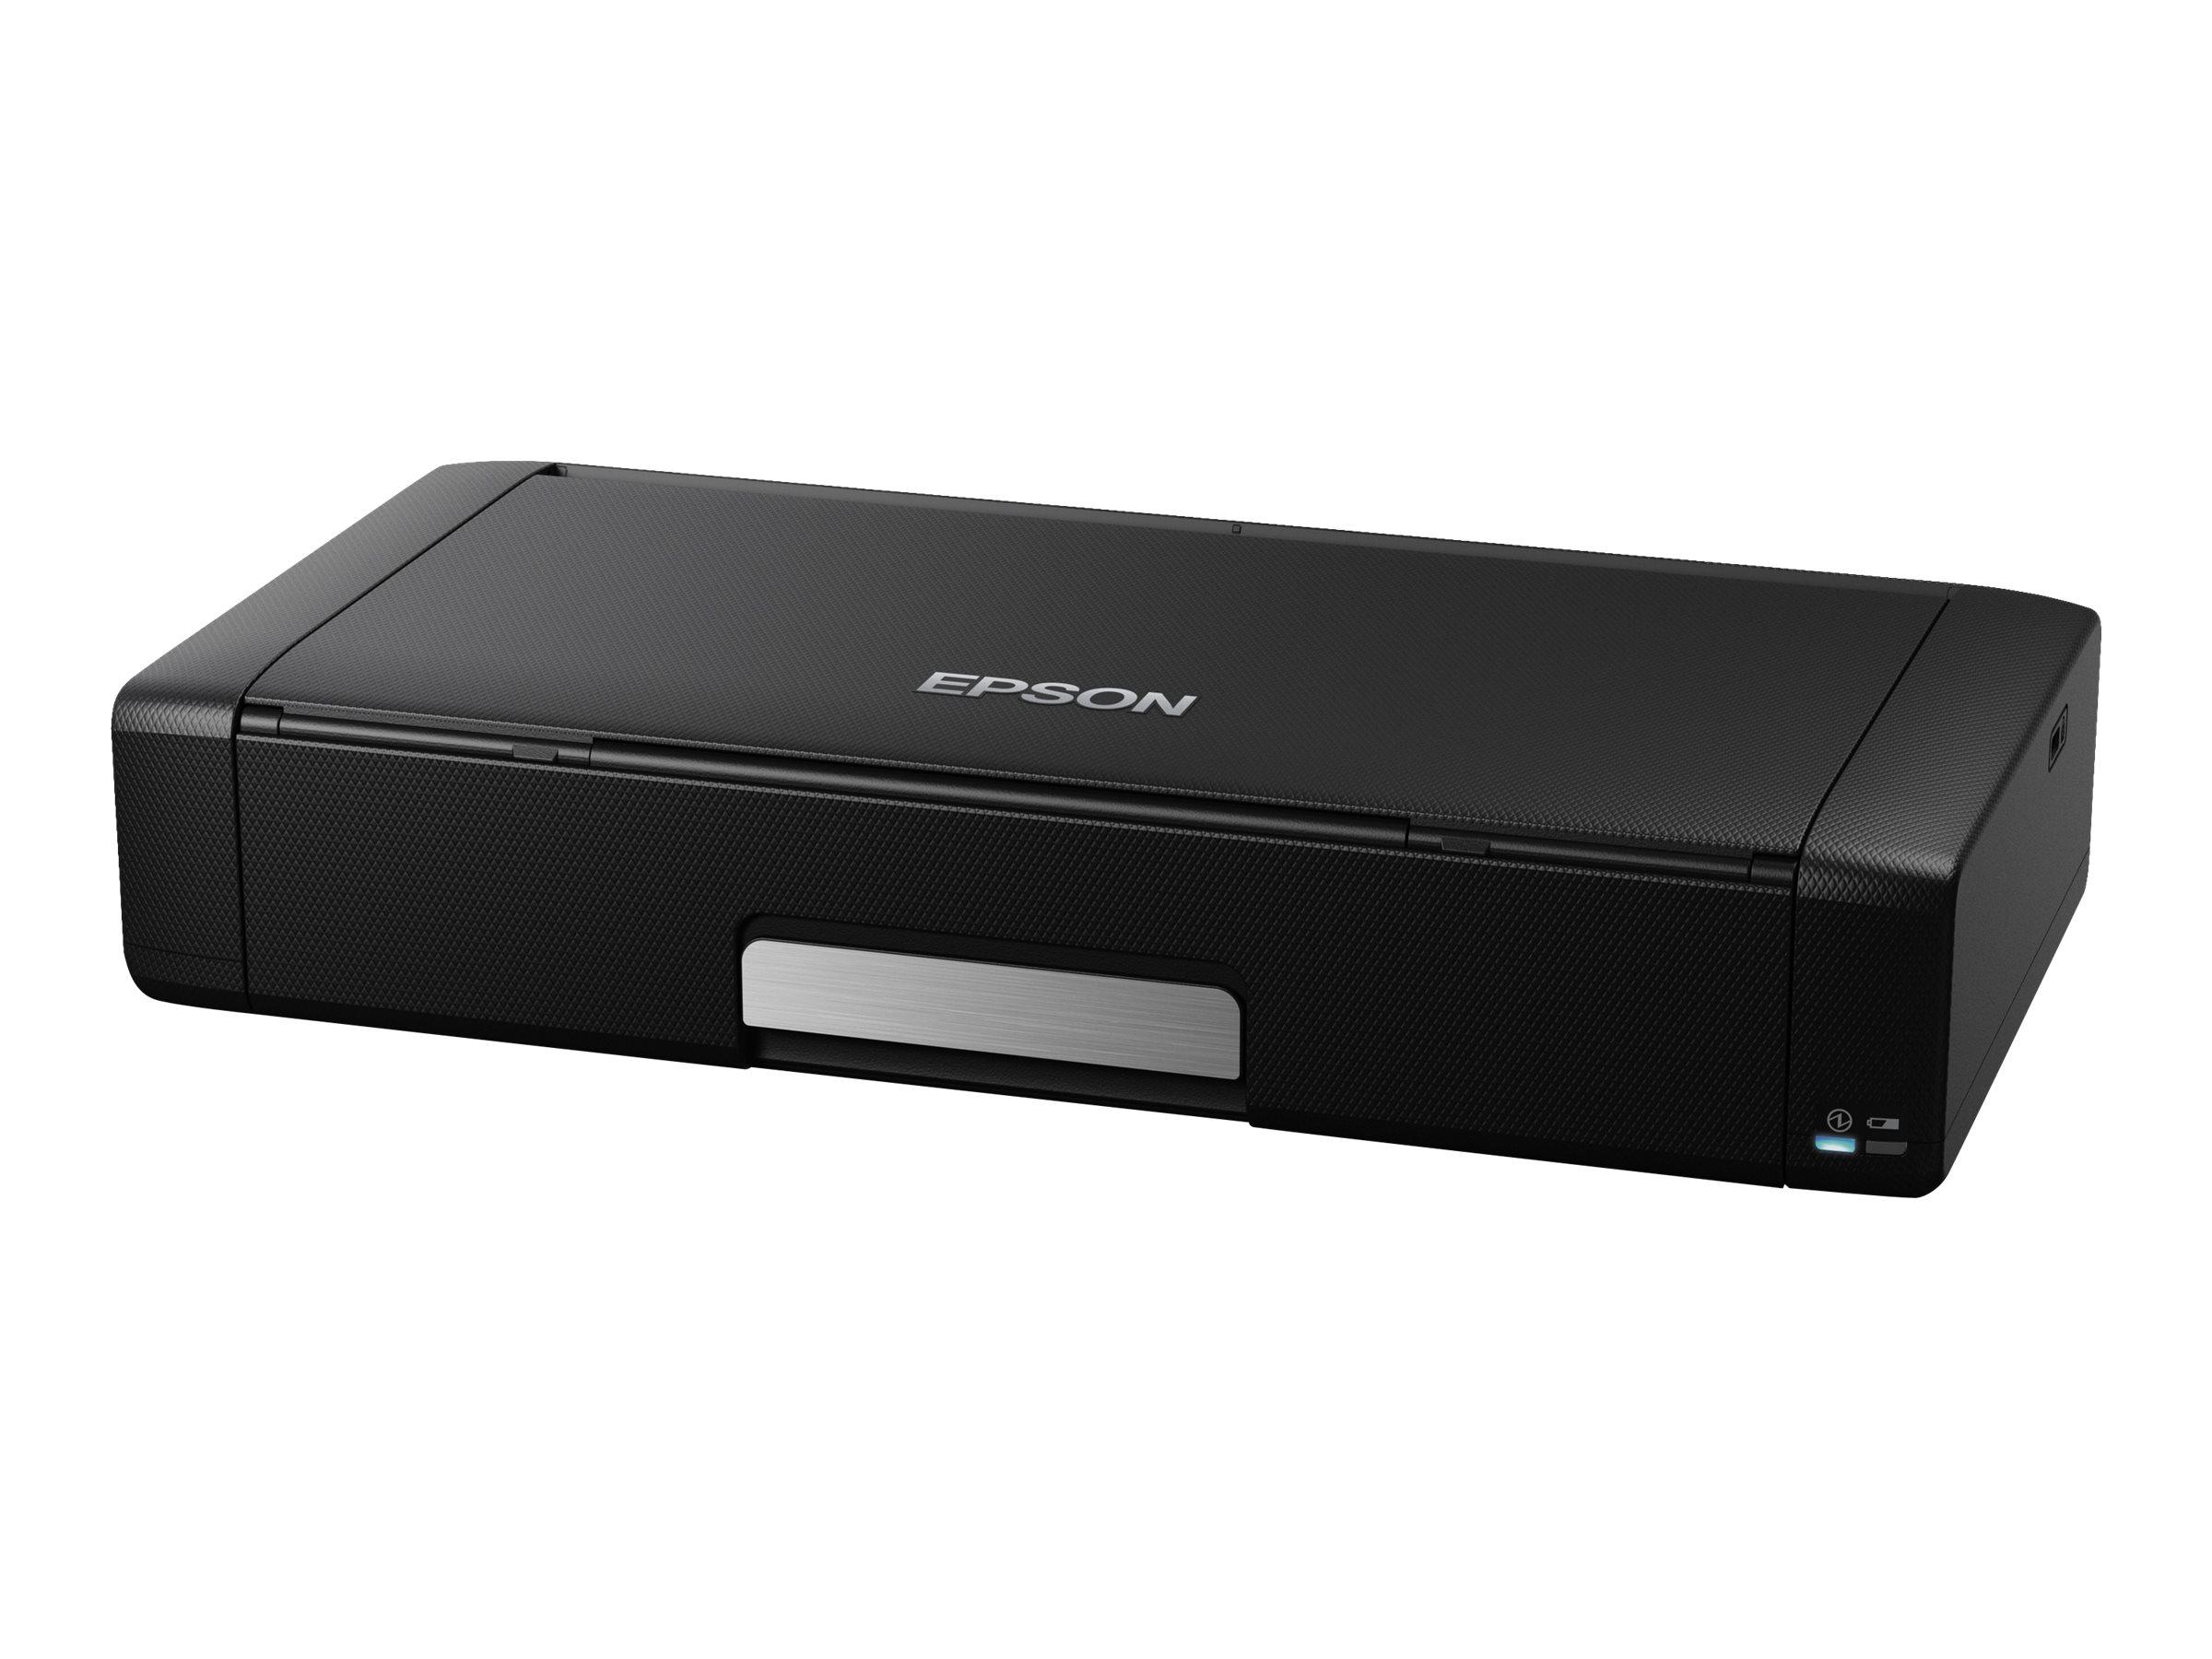 Epson WorkForce WF-100W - Drucker - Farbe - Tintenstrahl - A4/Legal - 5760 x 1440 dpi - bis zu 14 Seiten/Min. (einfarbig)/